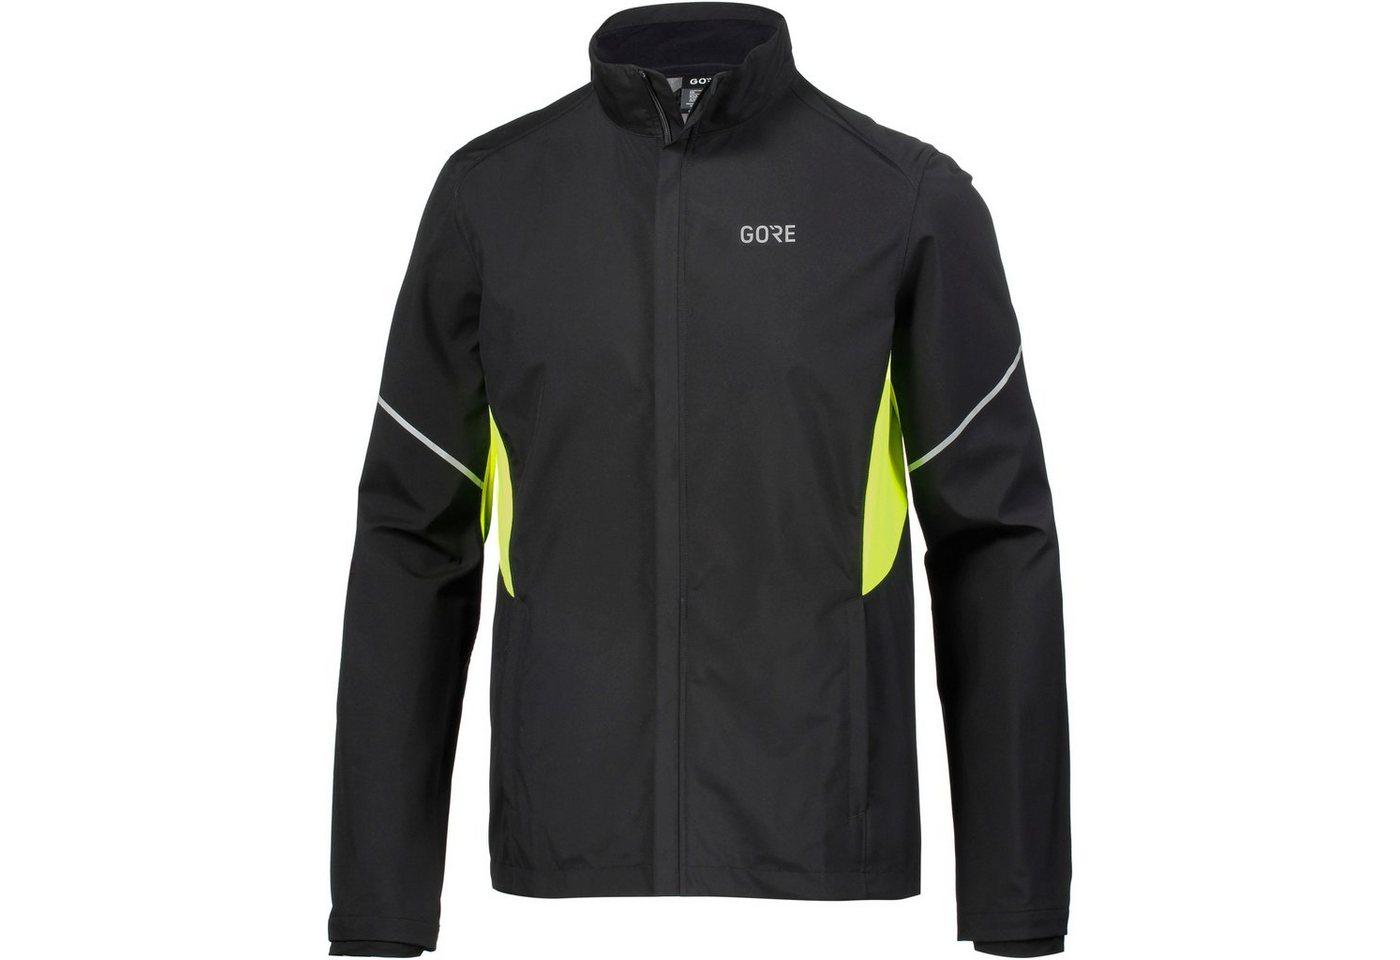 GORE® Wear Laufjacke »R3 WINDSTOPPER®«   Sportbekleidung > Sportjacken > Laufjacken   Schwarz   Polyester - Polyethylen - Elastan   GORE® Wear